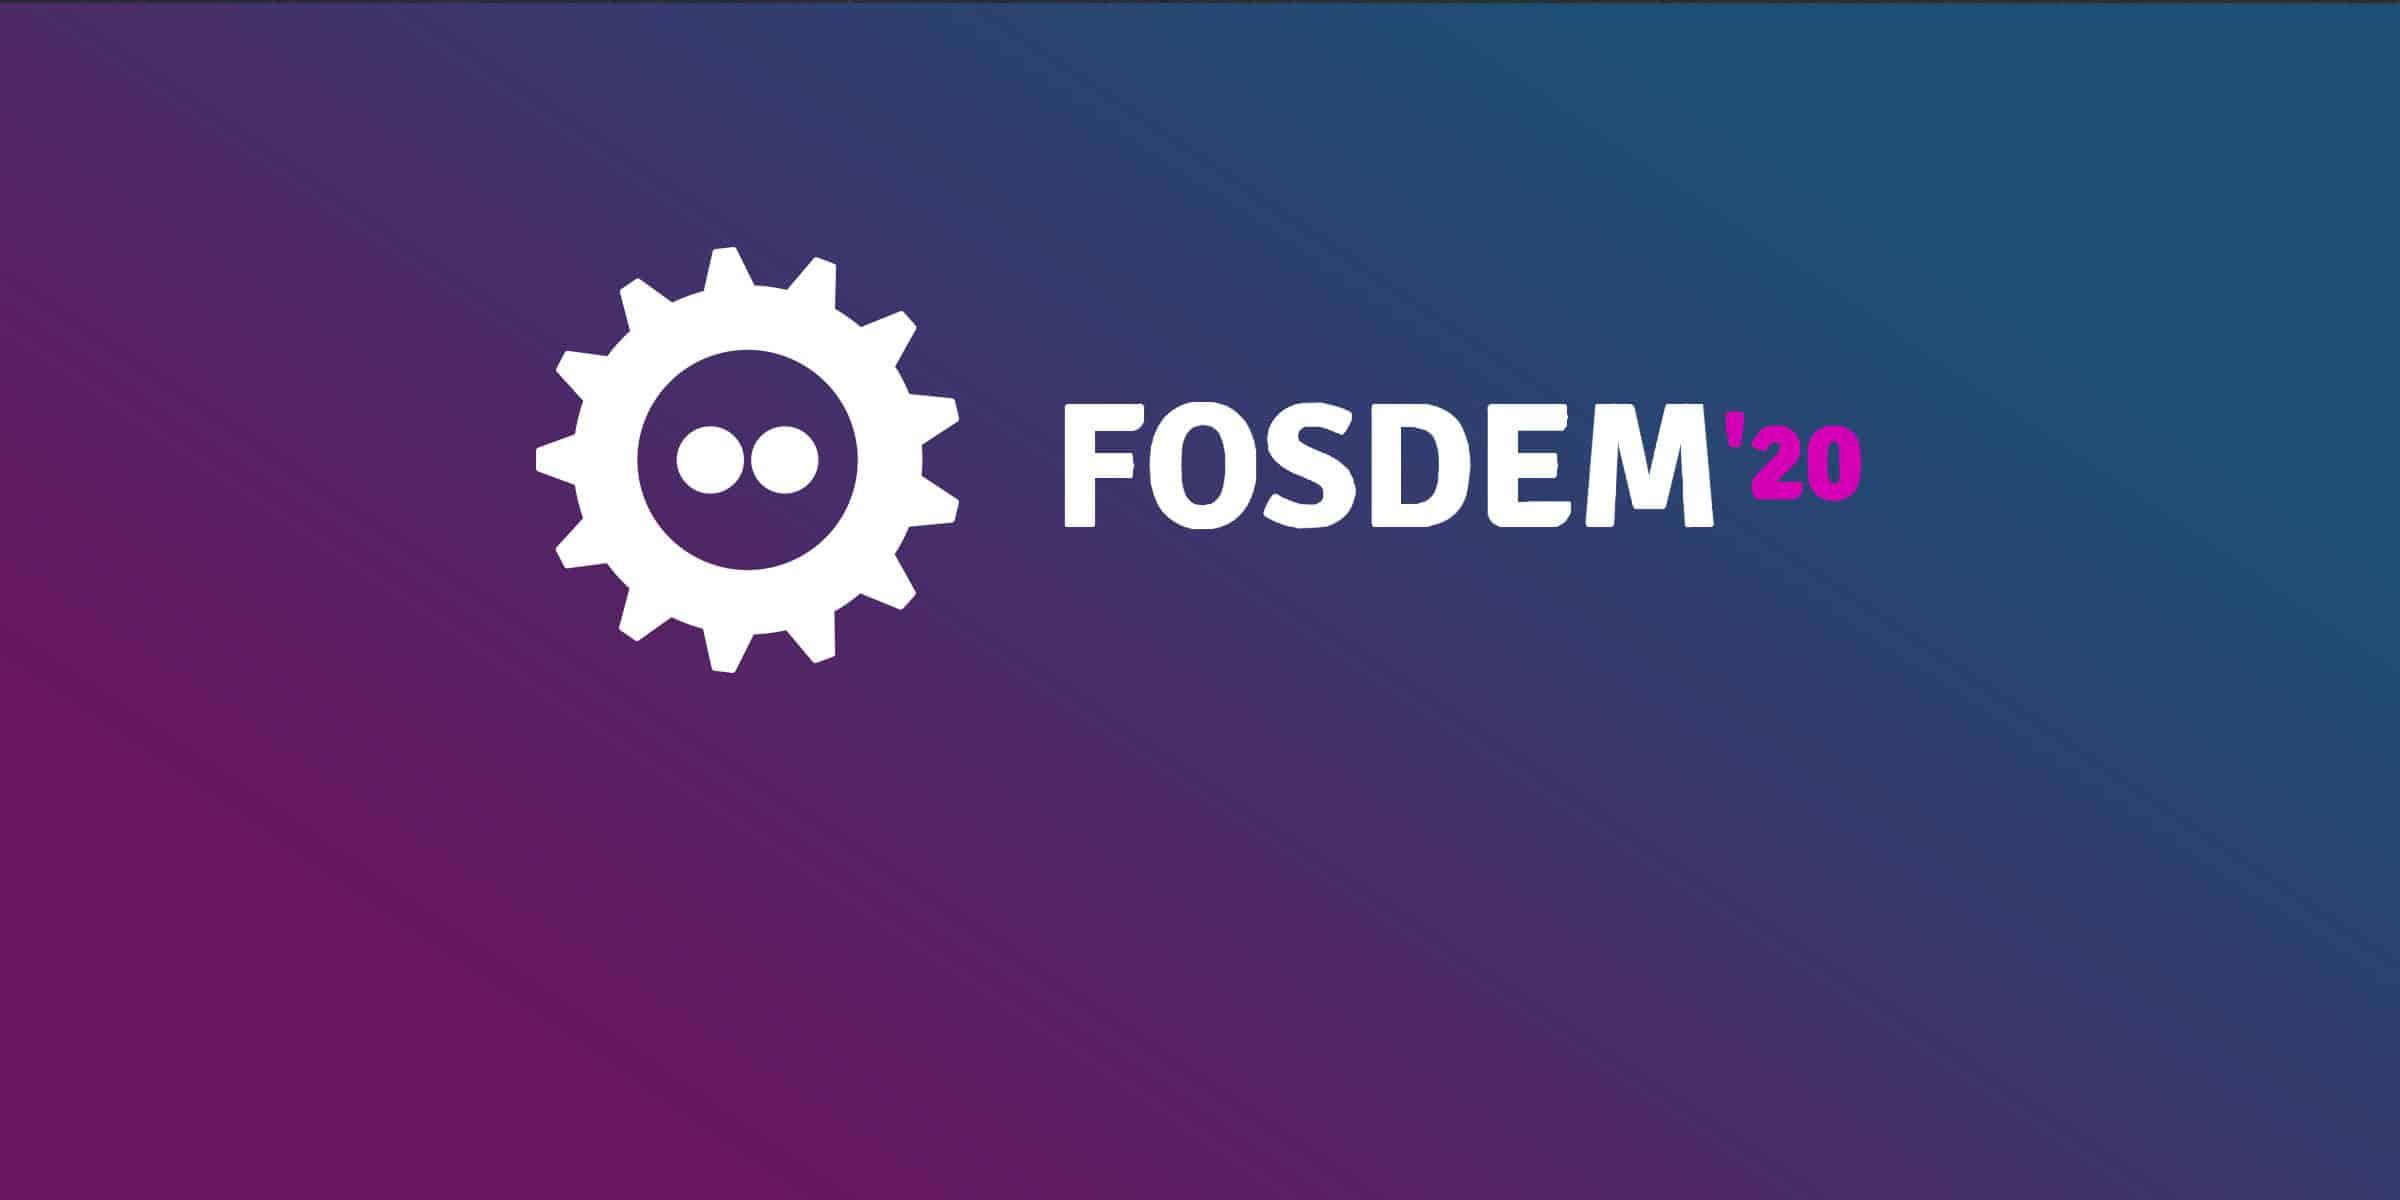 FOSDEM-20